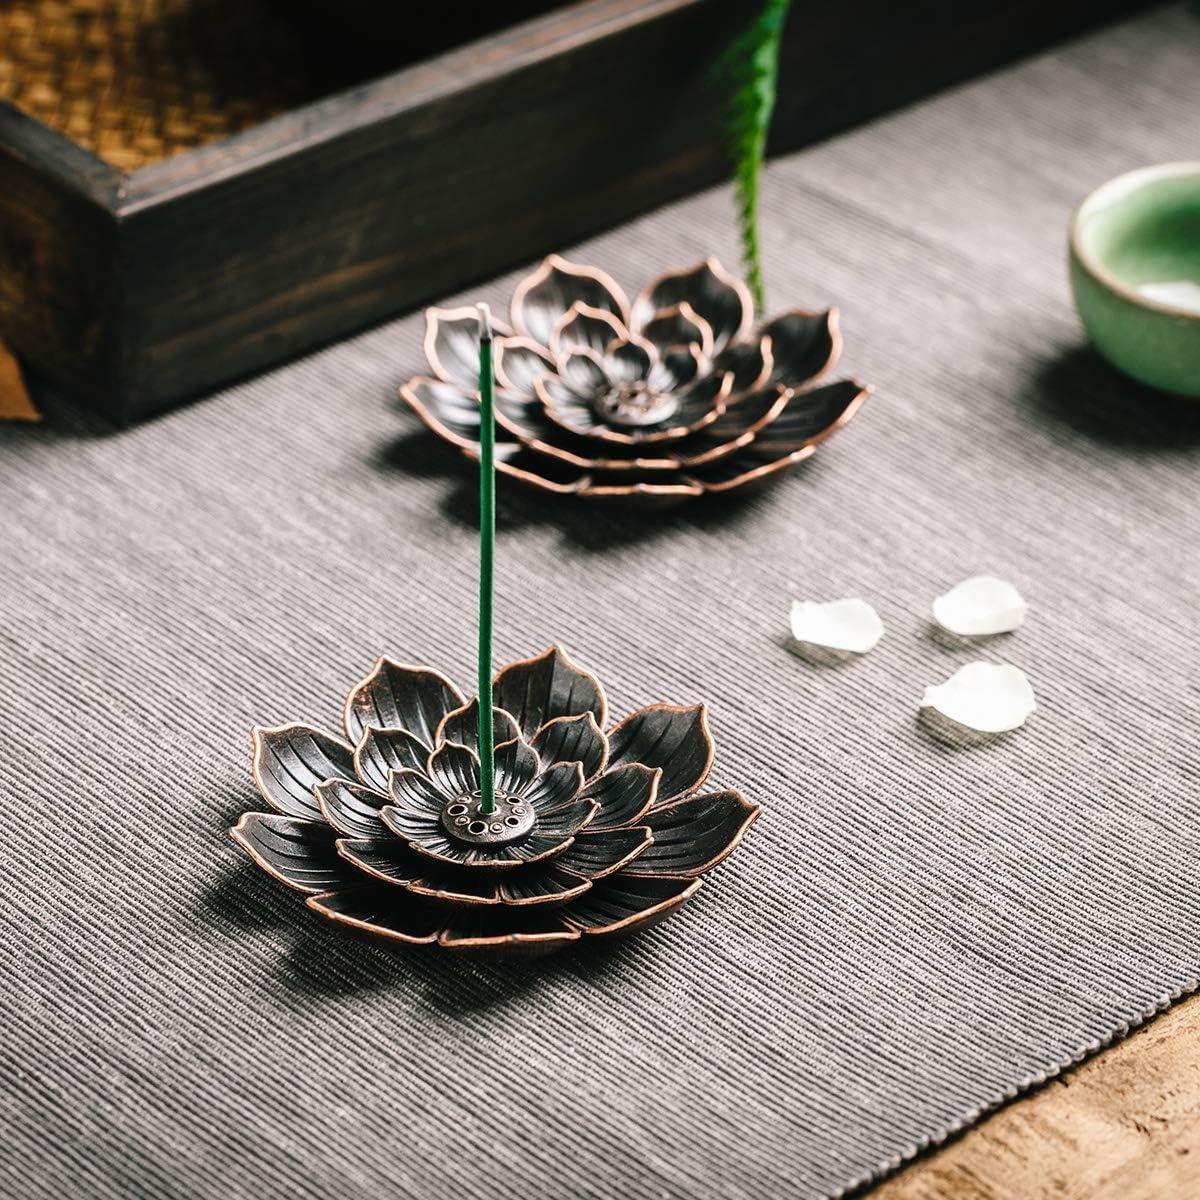 GARMOLY Incense Burner, Incense Holder for Sticks, Brass Lotus Incense Stick Holder with 30 Incense and Detachable Ash Cather